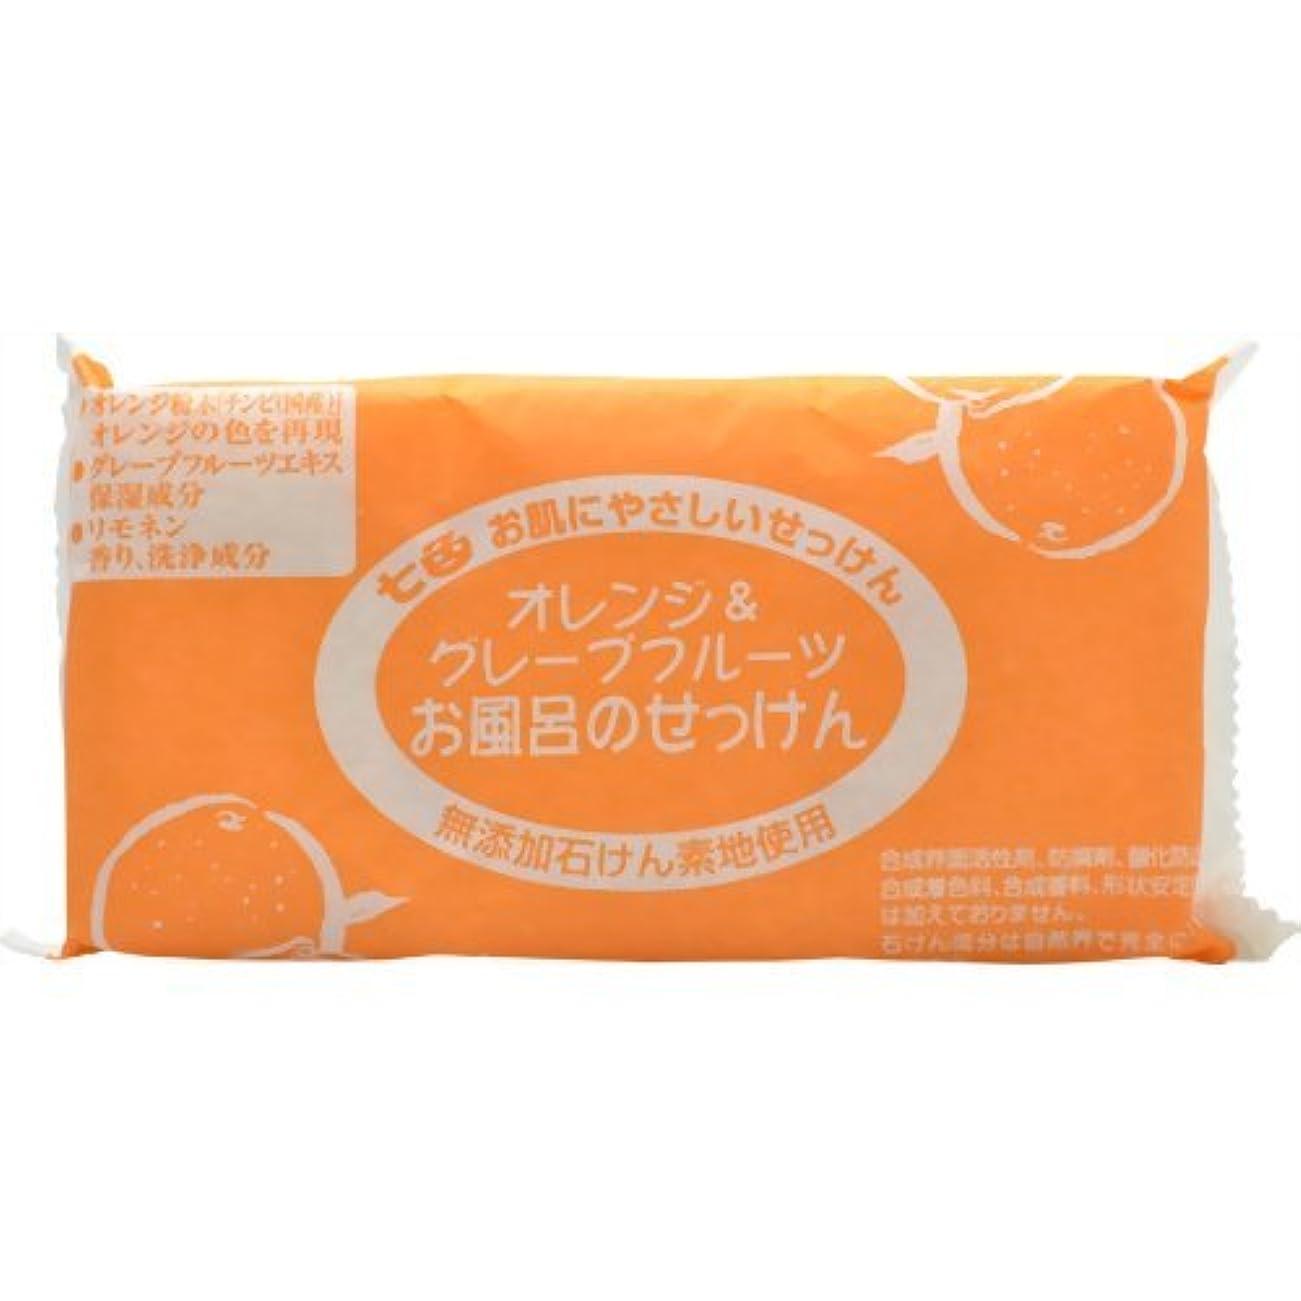 血相対サイズ紀元前まるは オレンジ&グレープフルーツ お風呂の石鹸 3個入り